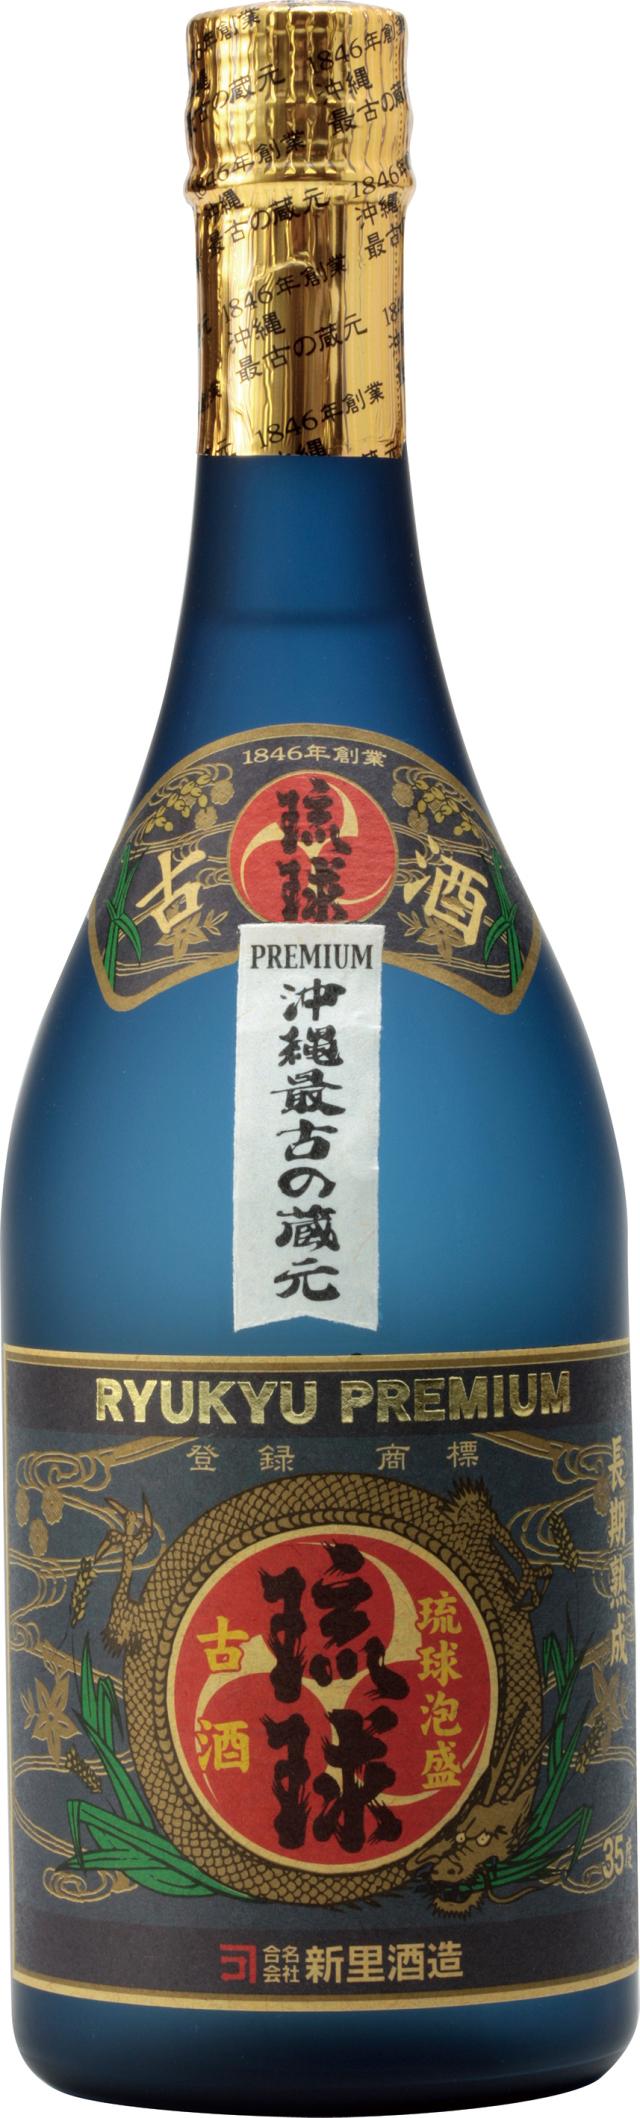 新里酒造 古酒琉球プレミアム 35度 720ml